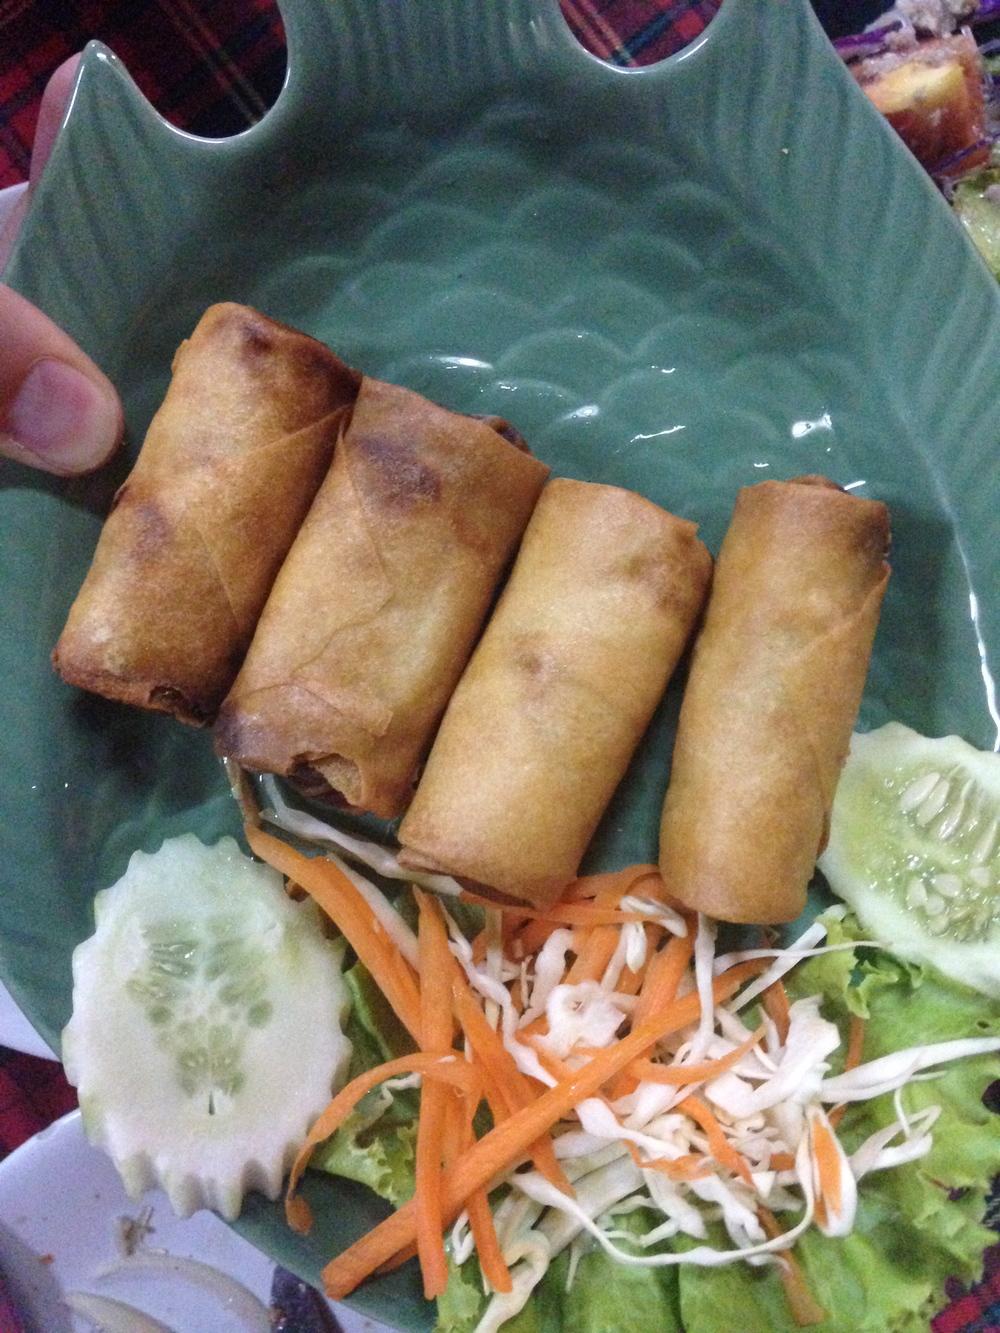 Thajské zeleninové jarní závitky. Mohou být plněné i kuřecím masem.